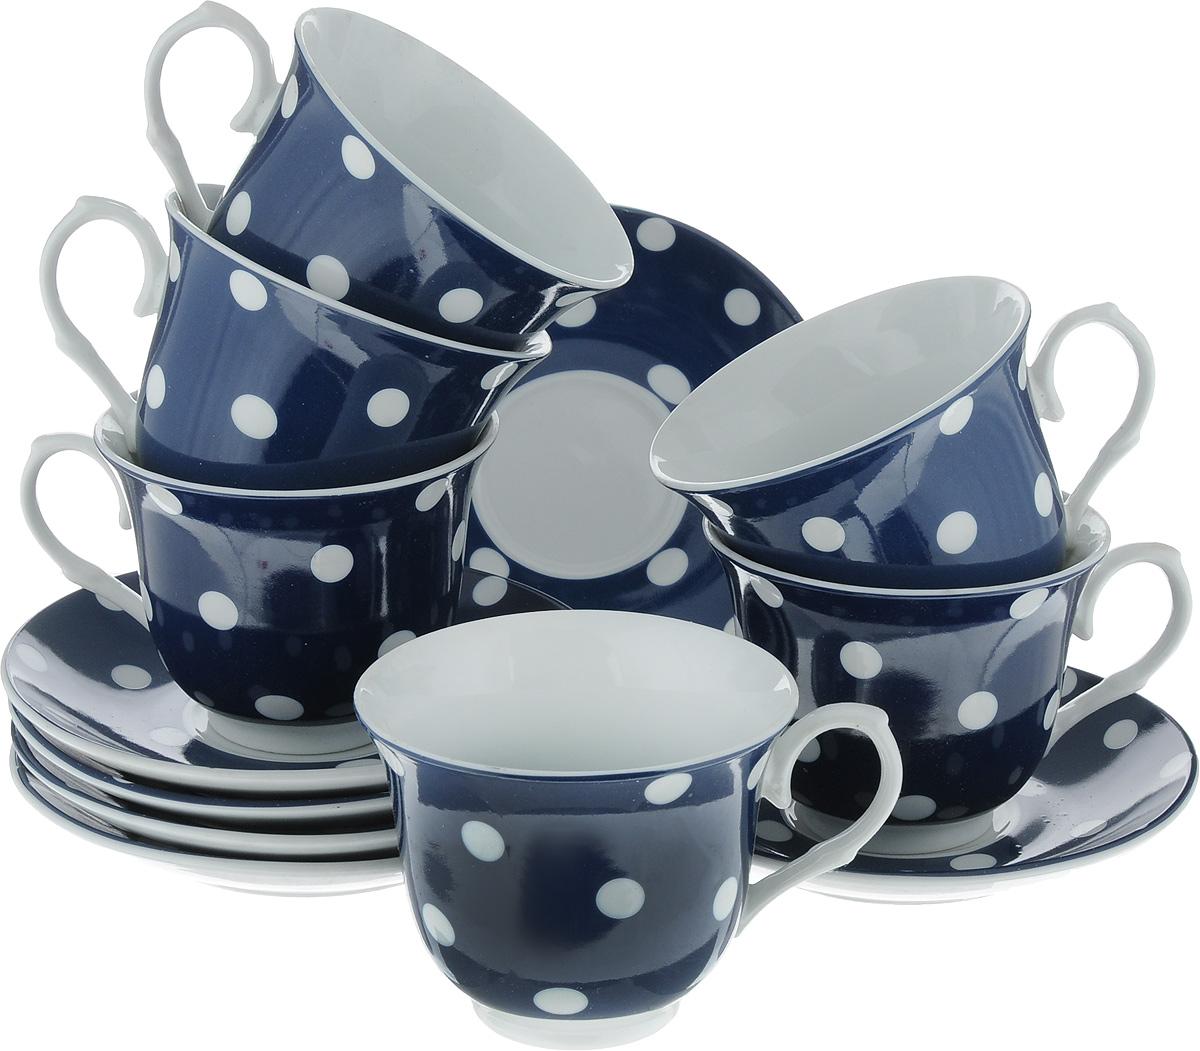 Набор чайный Loraine, цвет: белый, темно-синий, 12 предметов. 2590525905_белый, темно-синийЧайный набор Loraine состоит из шести чашек и шести блюдец. Изделия выполнены из высококачественного фарфора и оформлены красивым принтом в горошек. Такой набор изящно дополнит сервировку стола к чаепитию. Благодаря оригинальному дизайну и качеству исполнения, он станет замечательным подарком для ваших друзей и близких. Объем чашки: 220 мл. Диаметр чашки (по верхнему краю): 9 см. Высота чашки: 7,5 см. Диаметр блюдца: 14 см. Высота блюдца: 2 см.